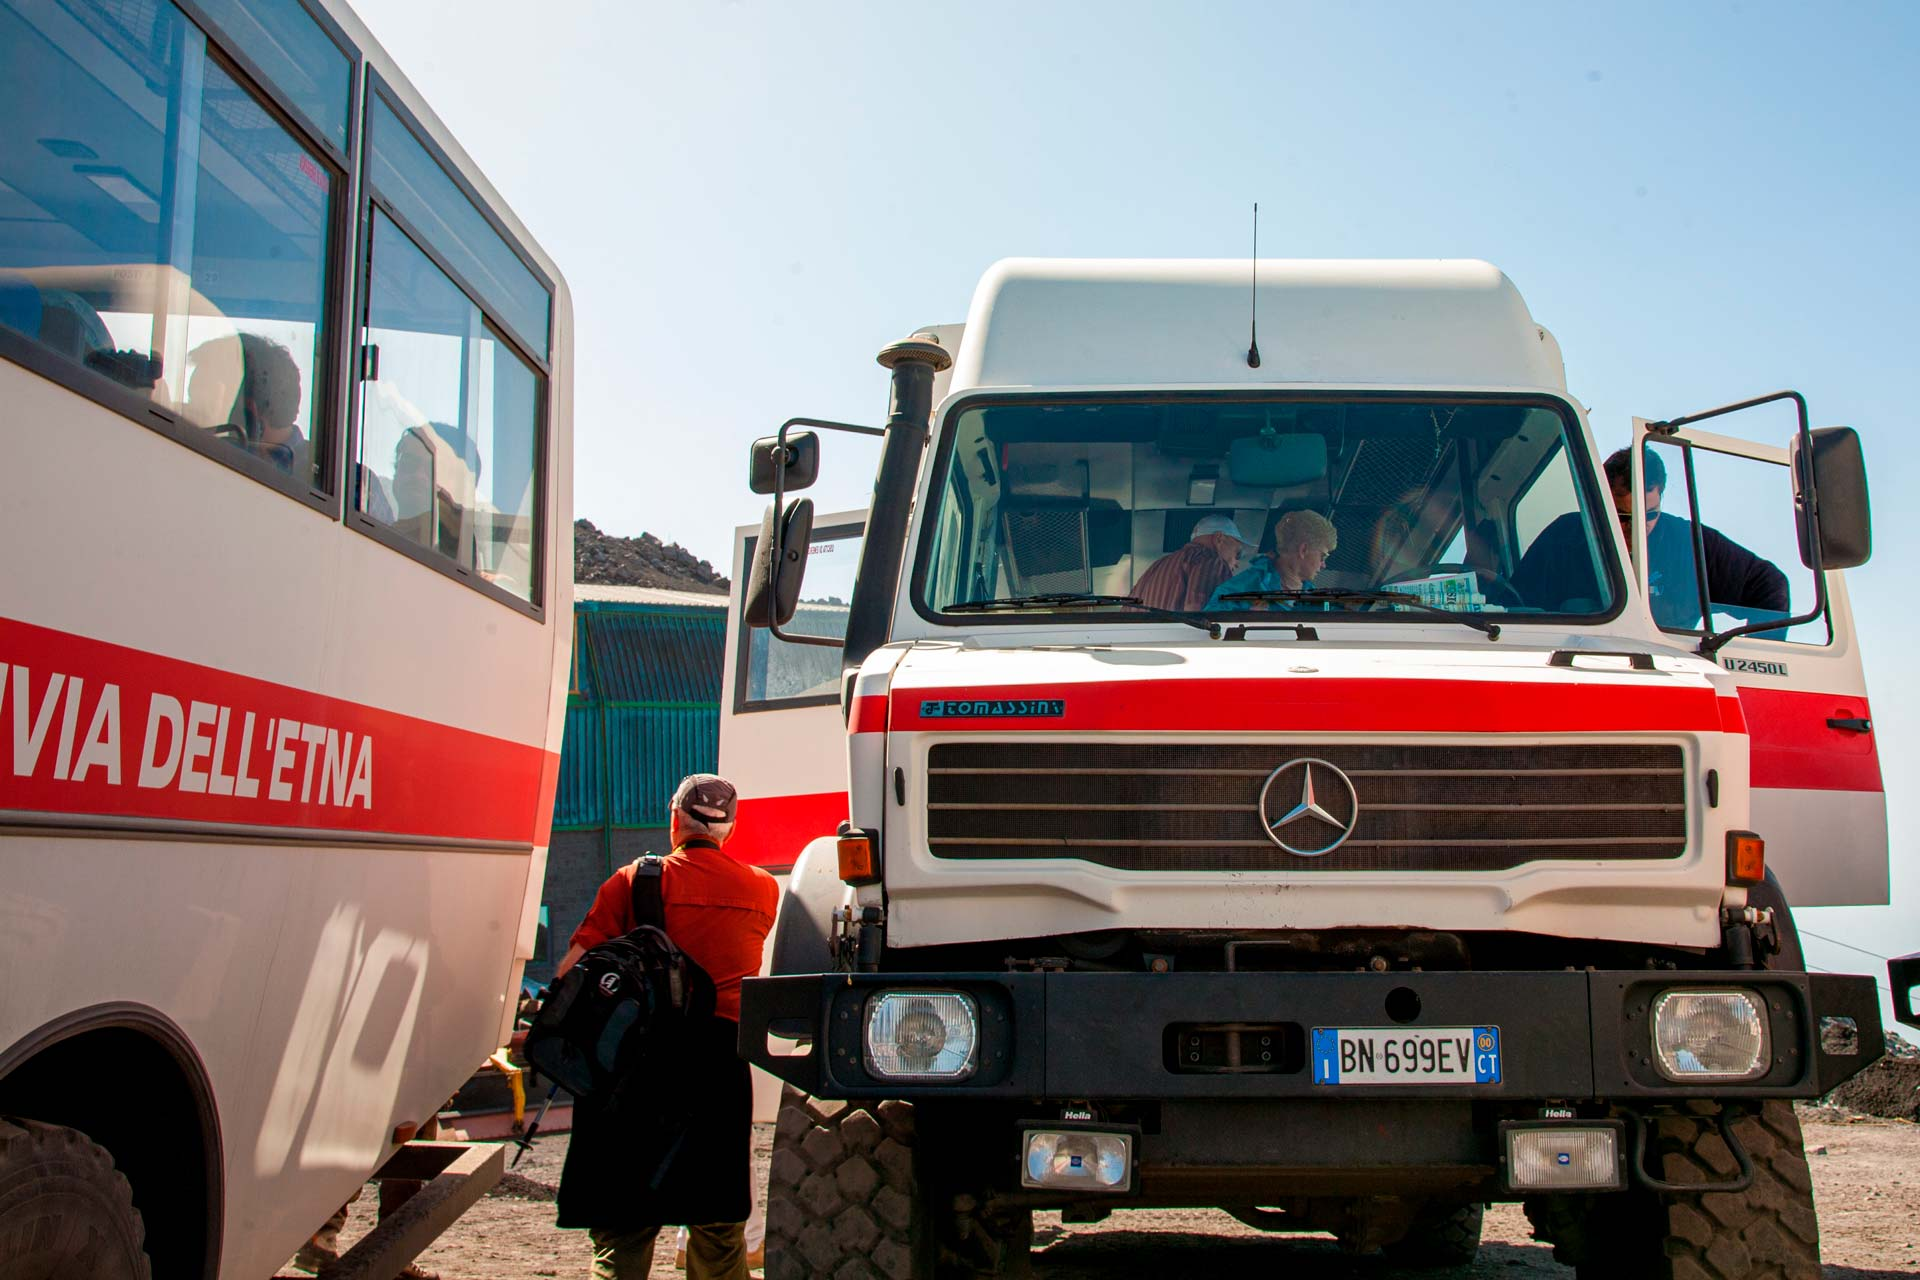 Il servizio viene svolto con speciali mezzi fuoristrada condotti da esperti autisti che percorrono in assoluta quiete i sentieri pi? scoscesi.